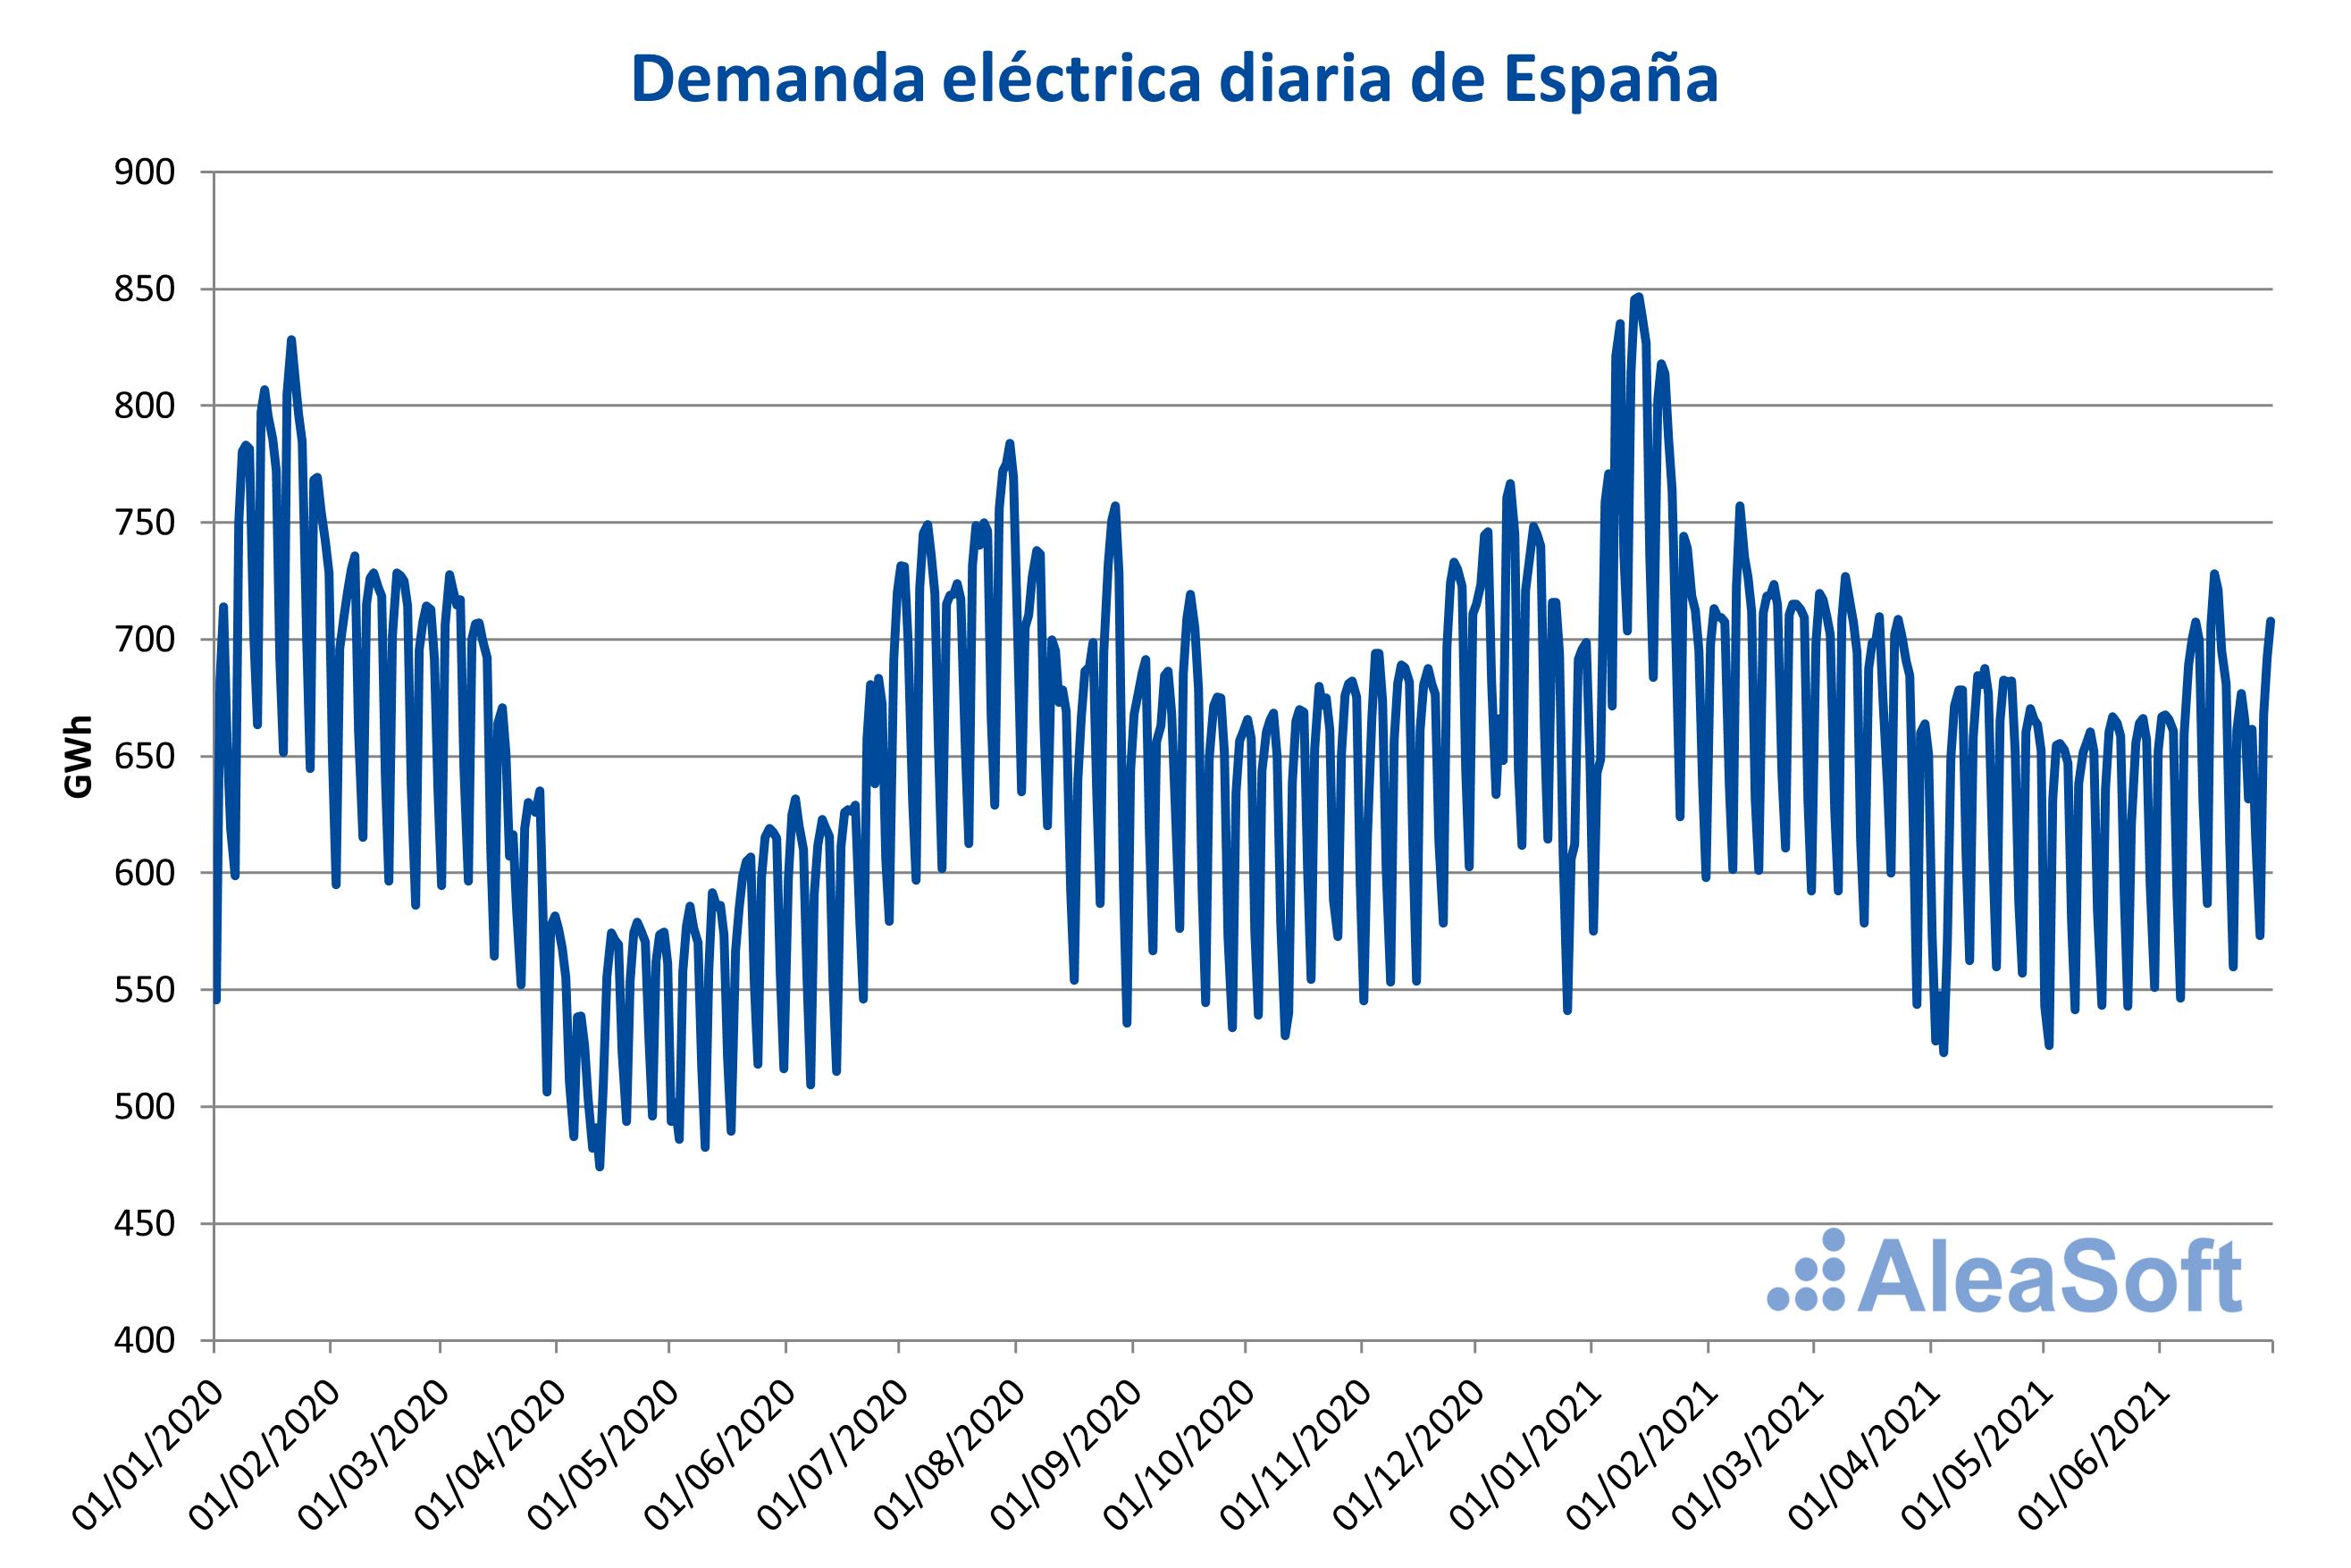 AleaSoft - Demanda diaria Espana